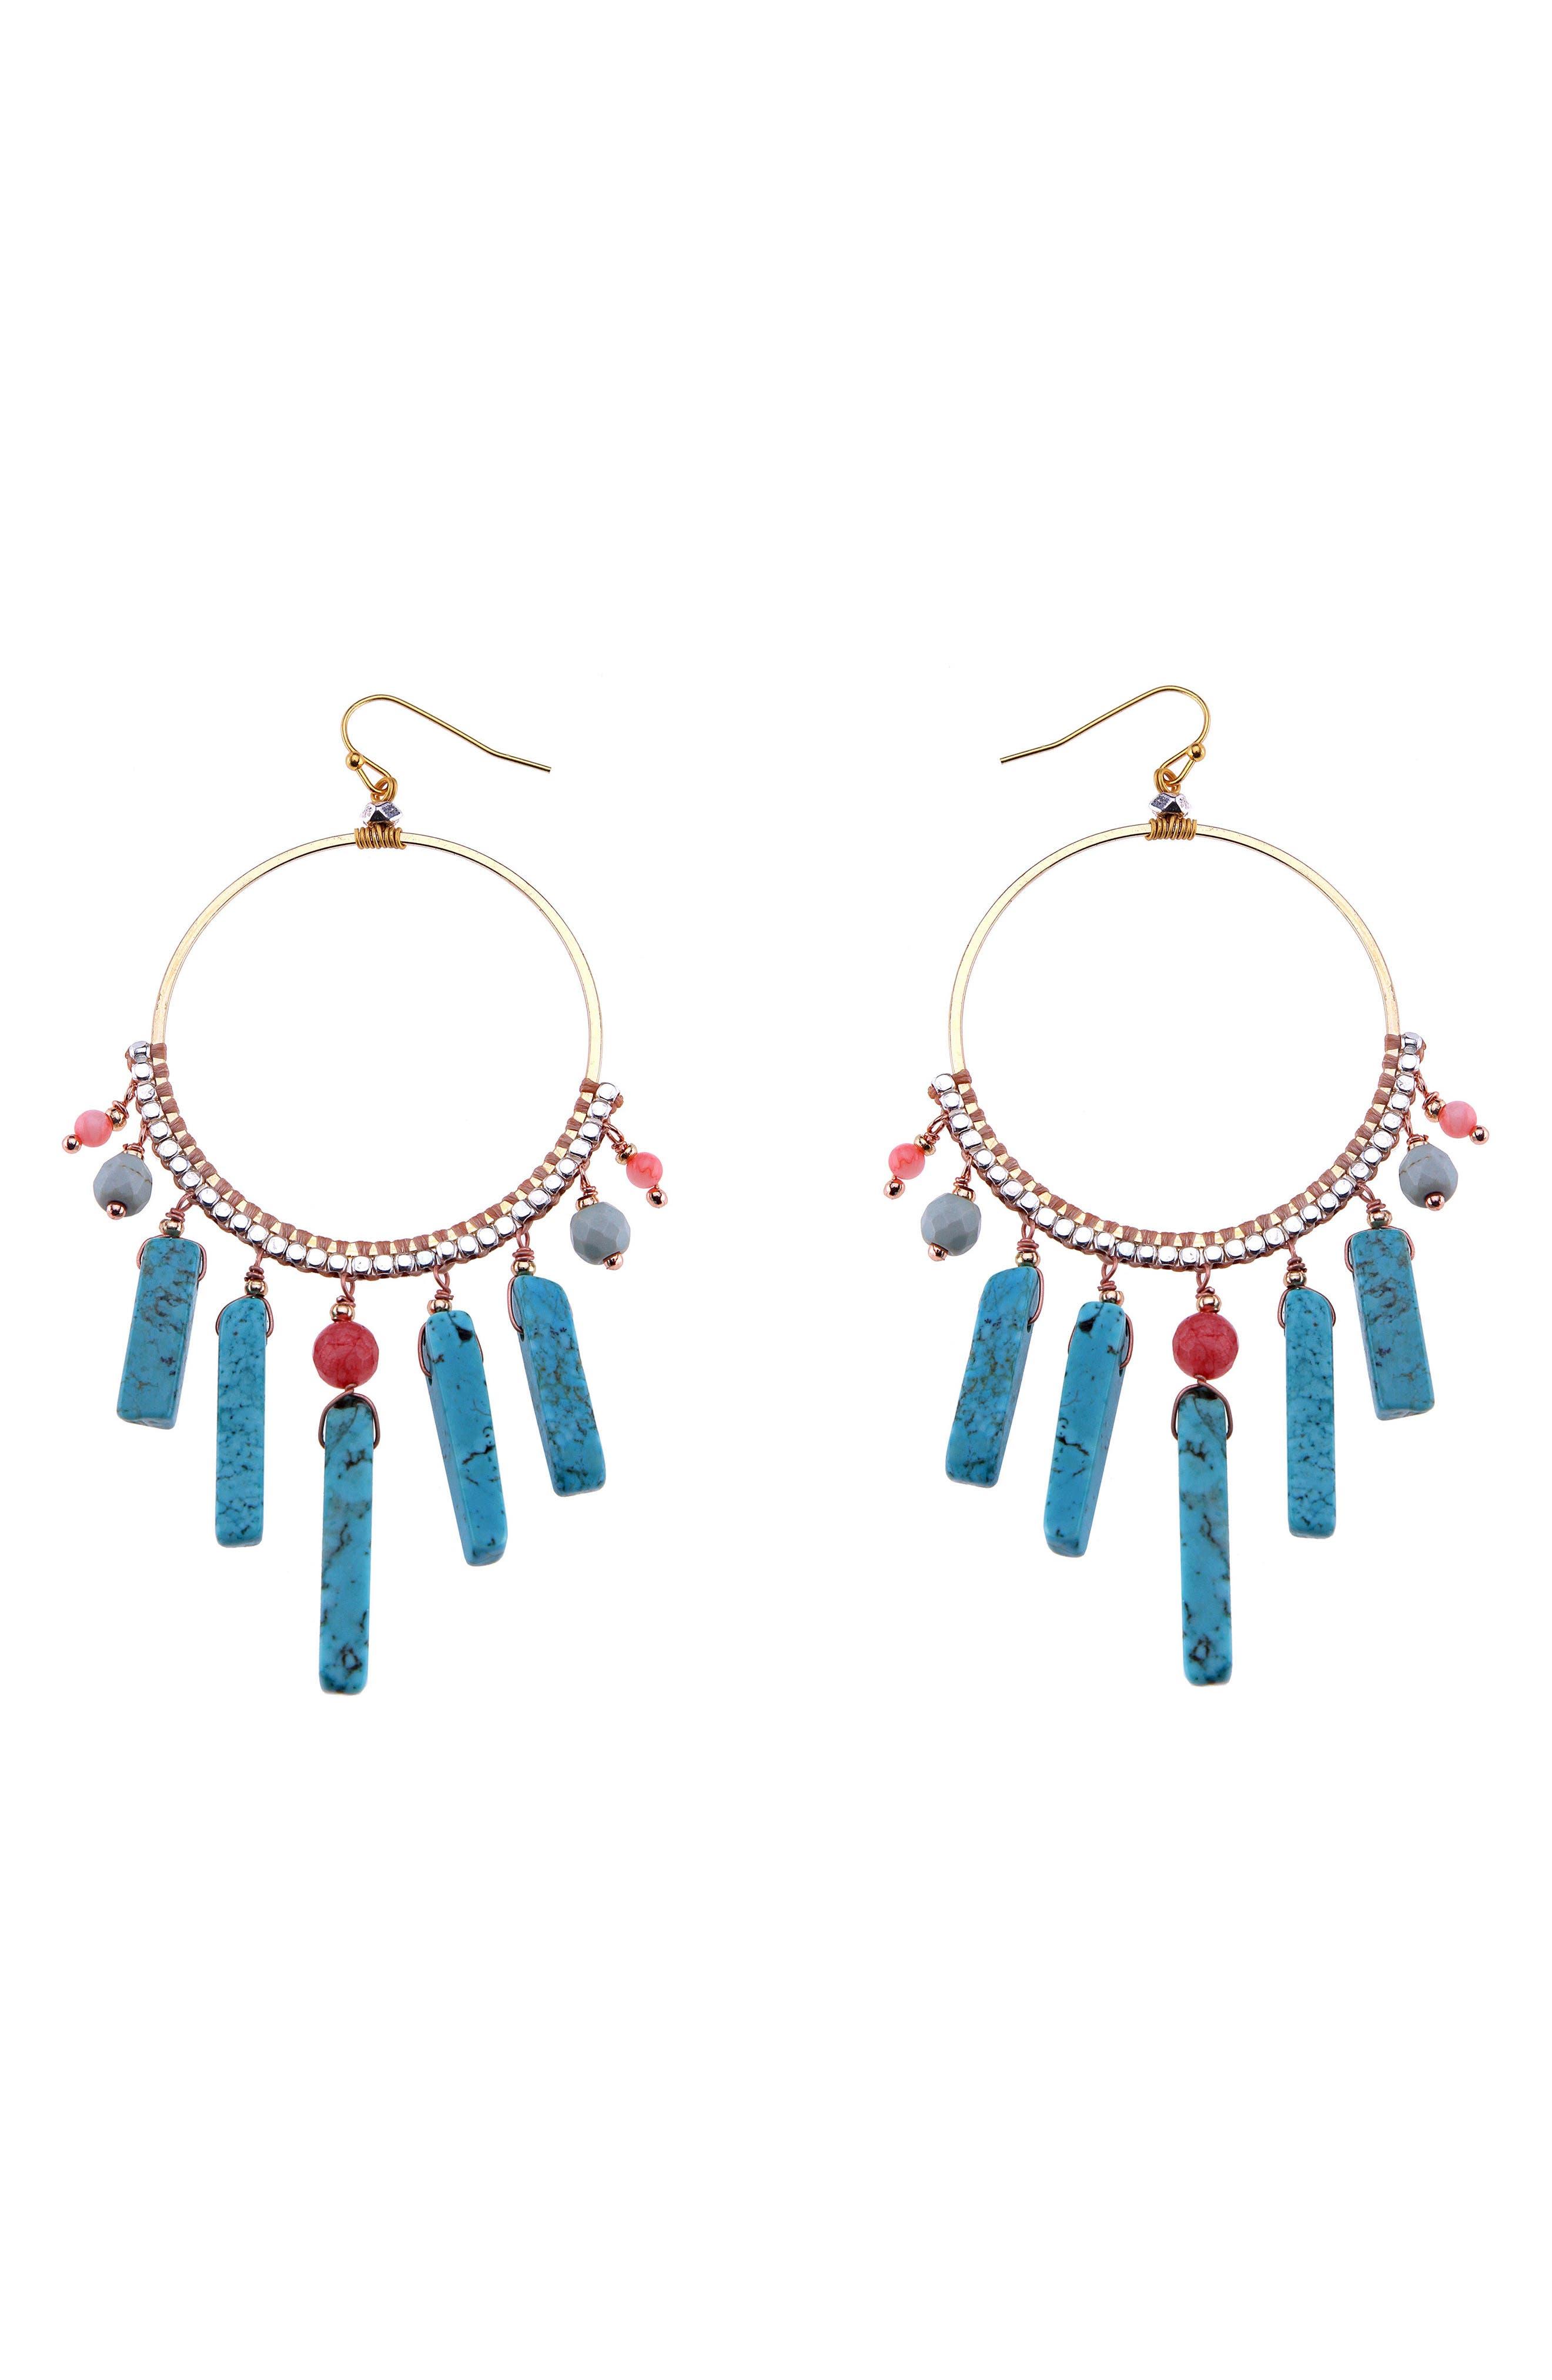 Howlite & Crystal Hoop Earrings,                             Main thumbnail 1, color,                             400